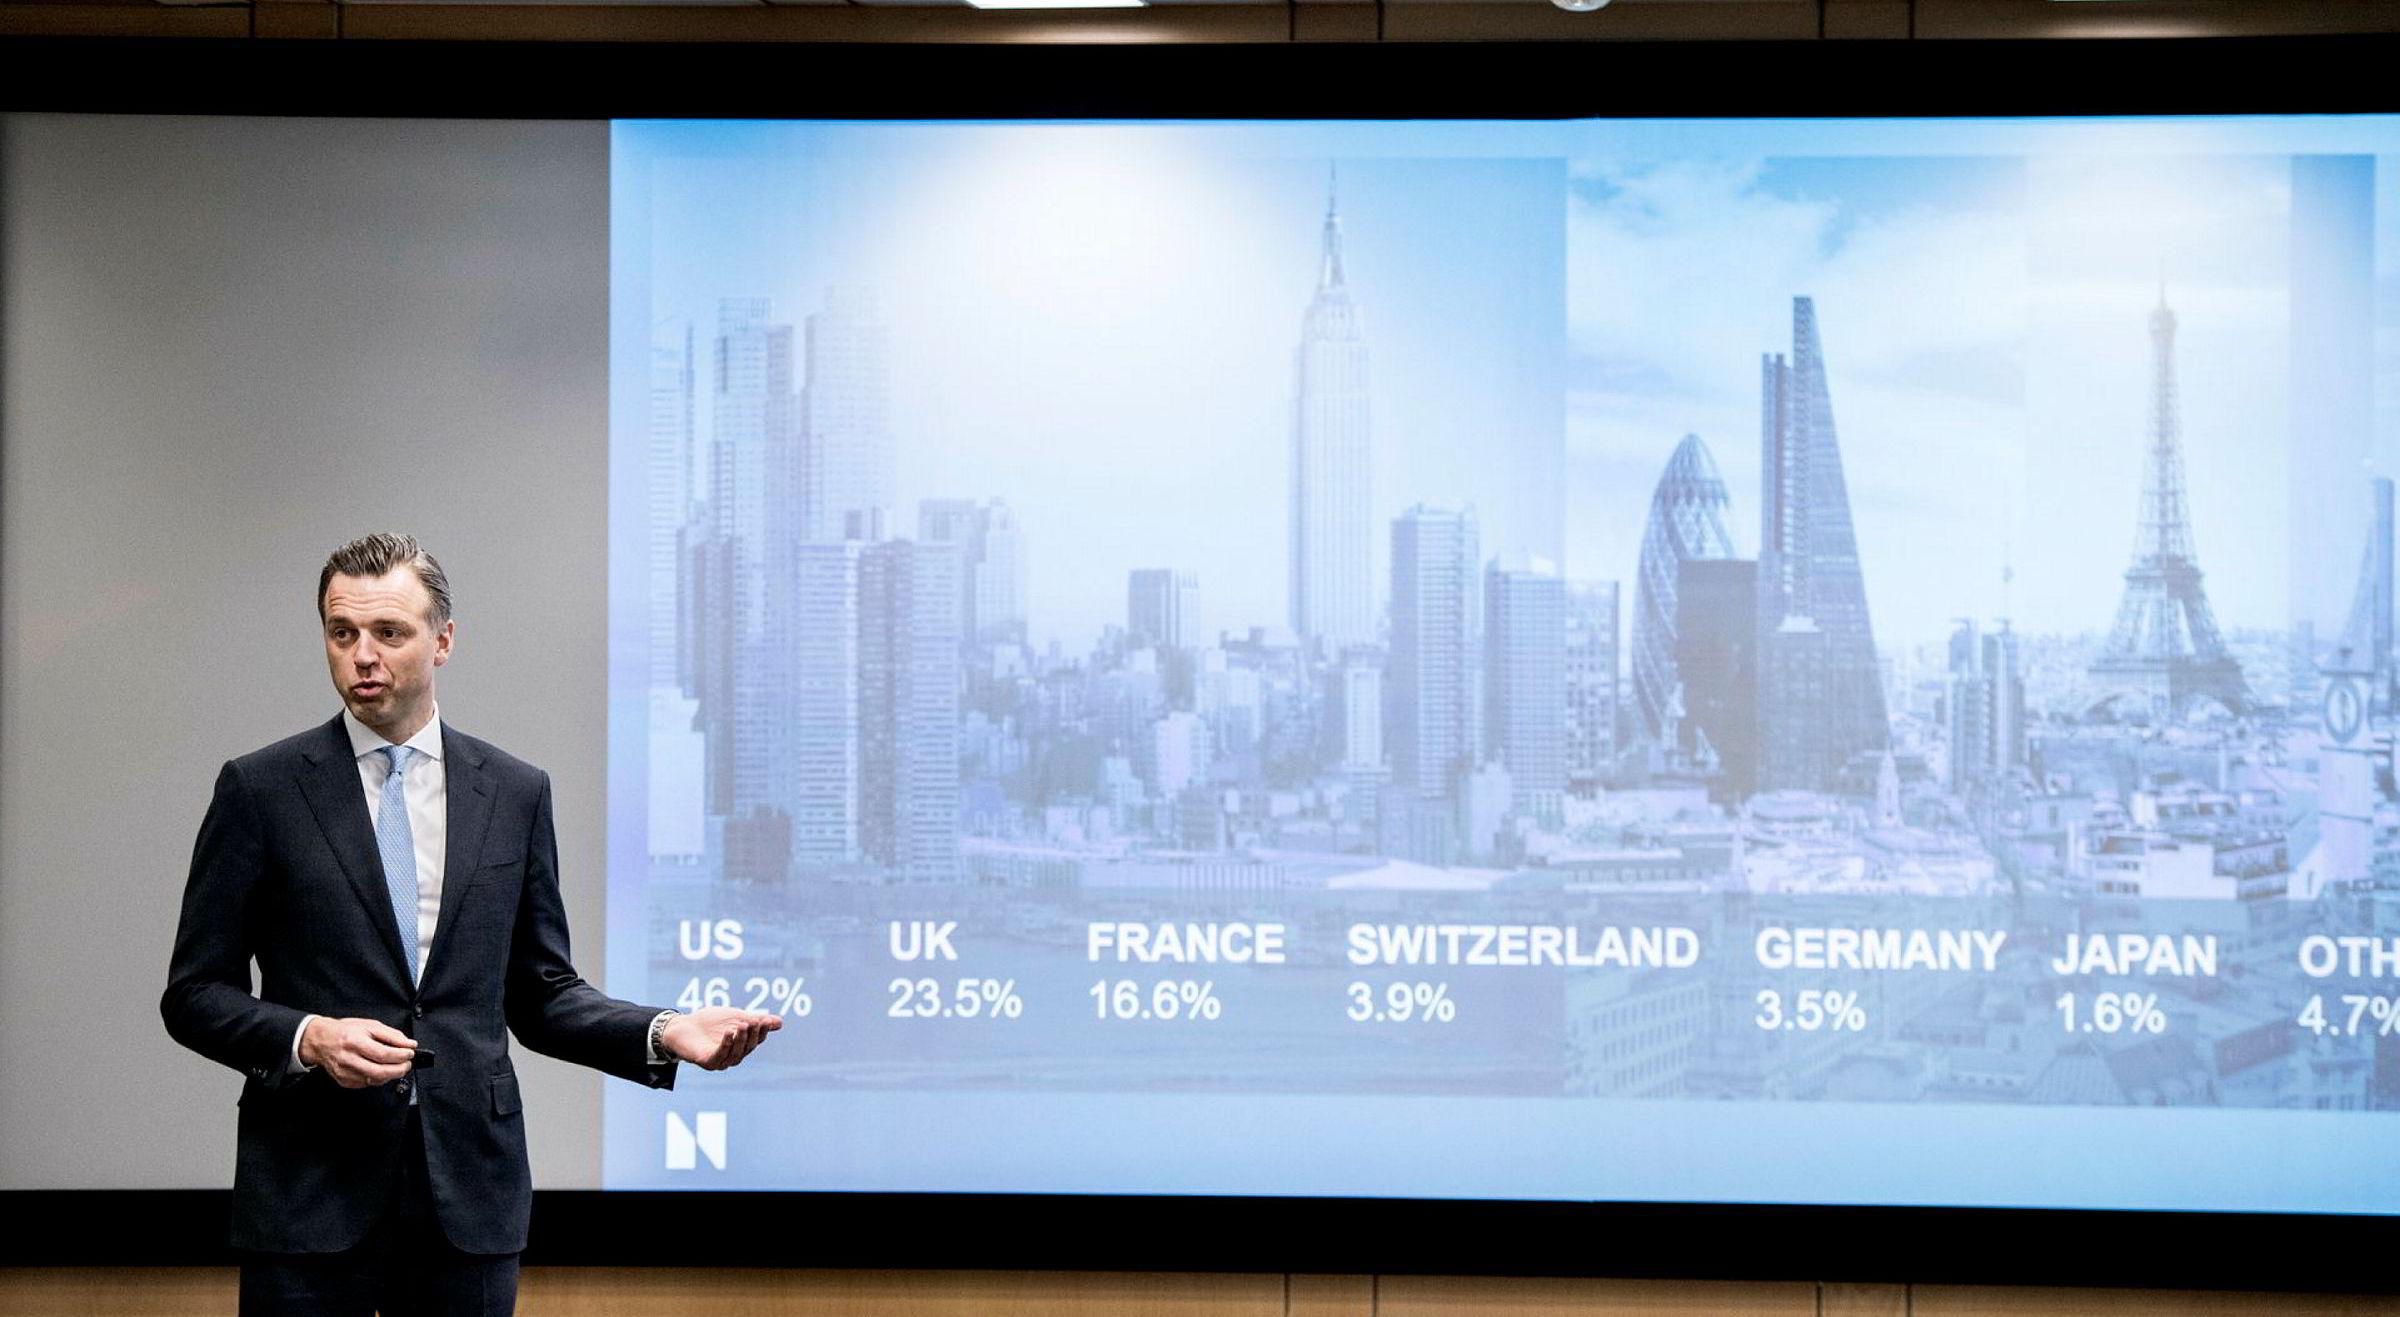 Oljefondets eiendomssjef Karsten Kallevig la tirsdag frem årsresultatene for eiendomsinvesteringene til fondet.